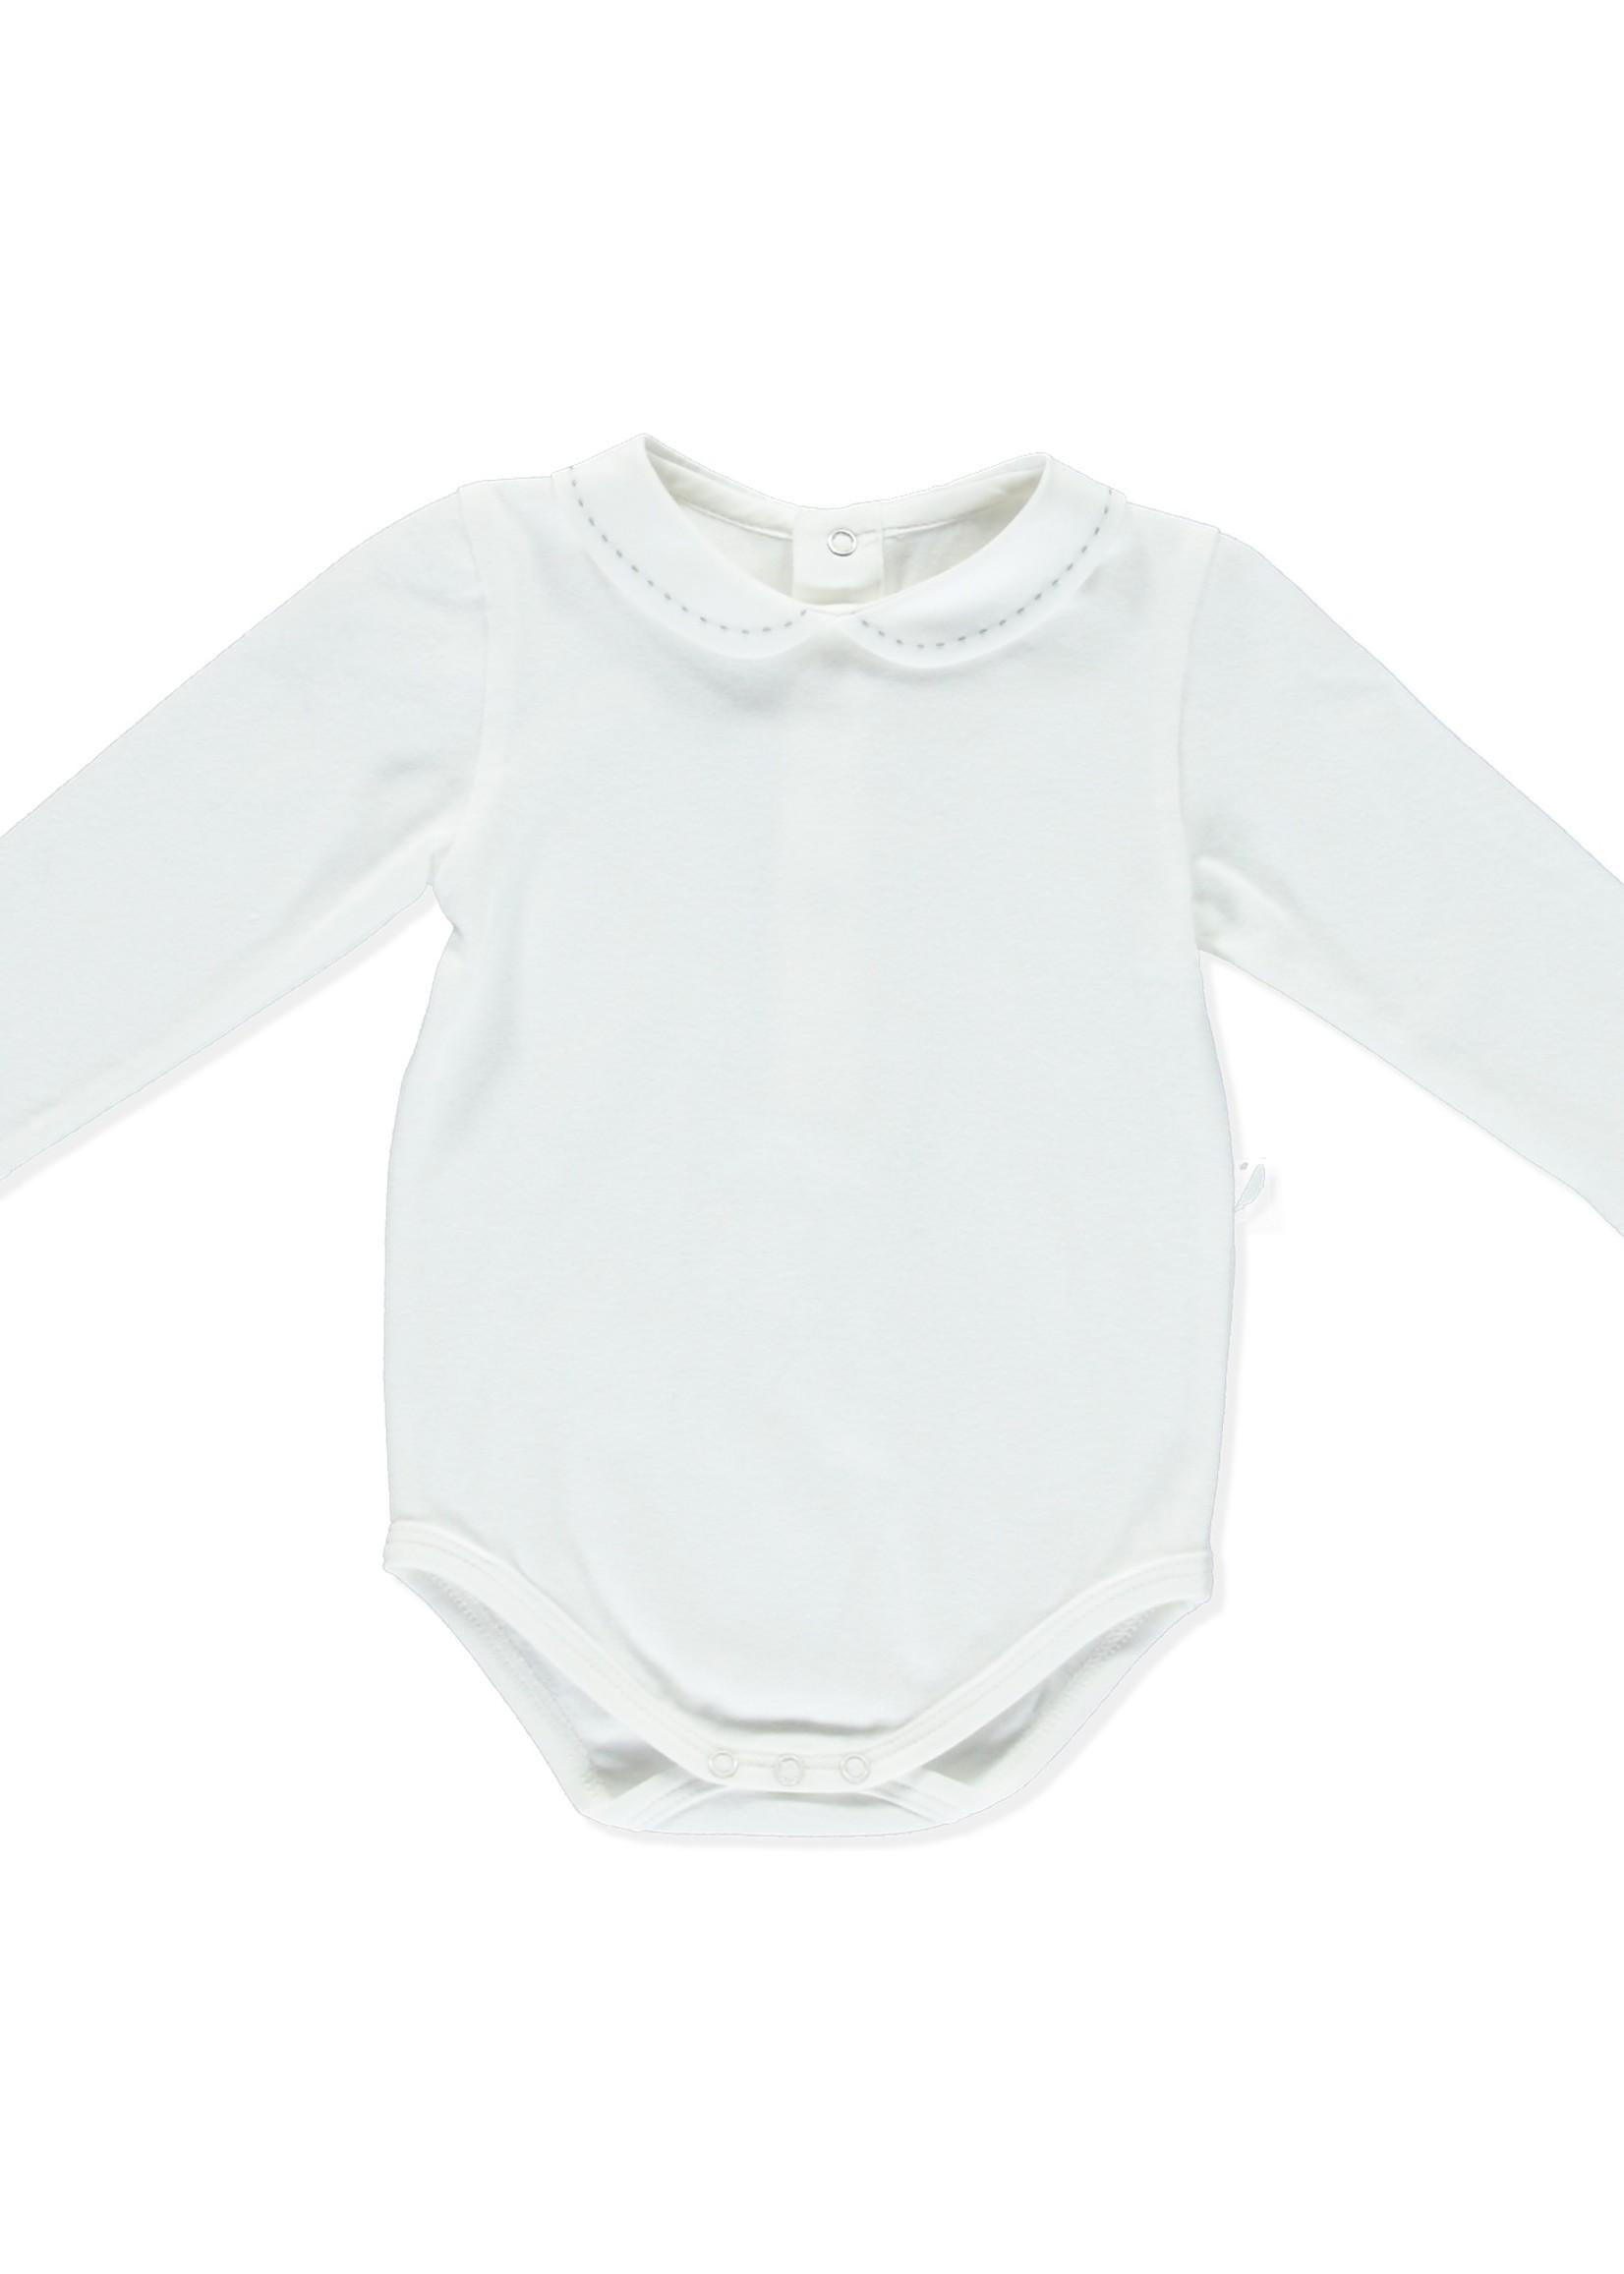 Purete Purete-AW21 05261 BABY